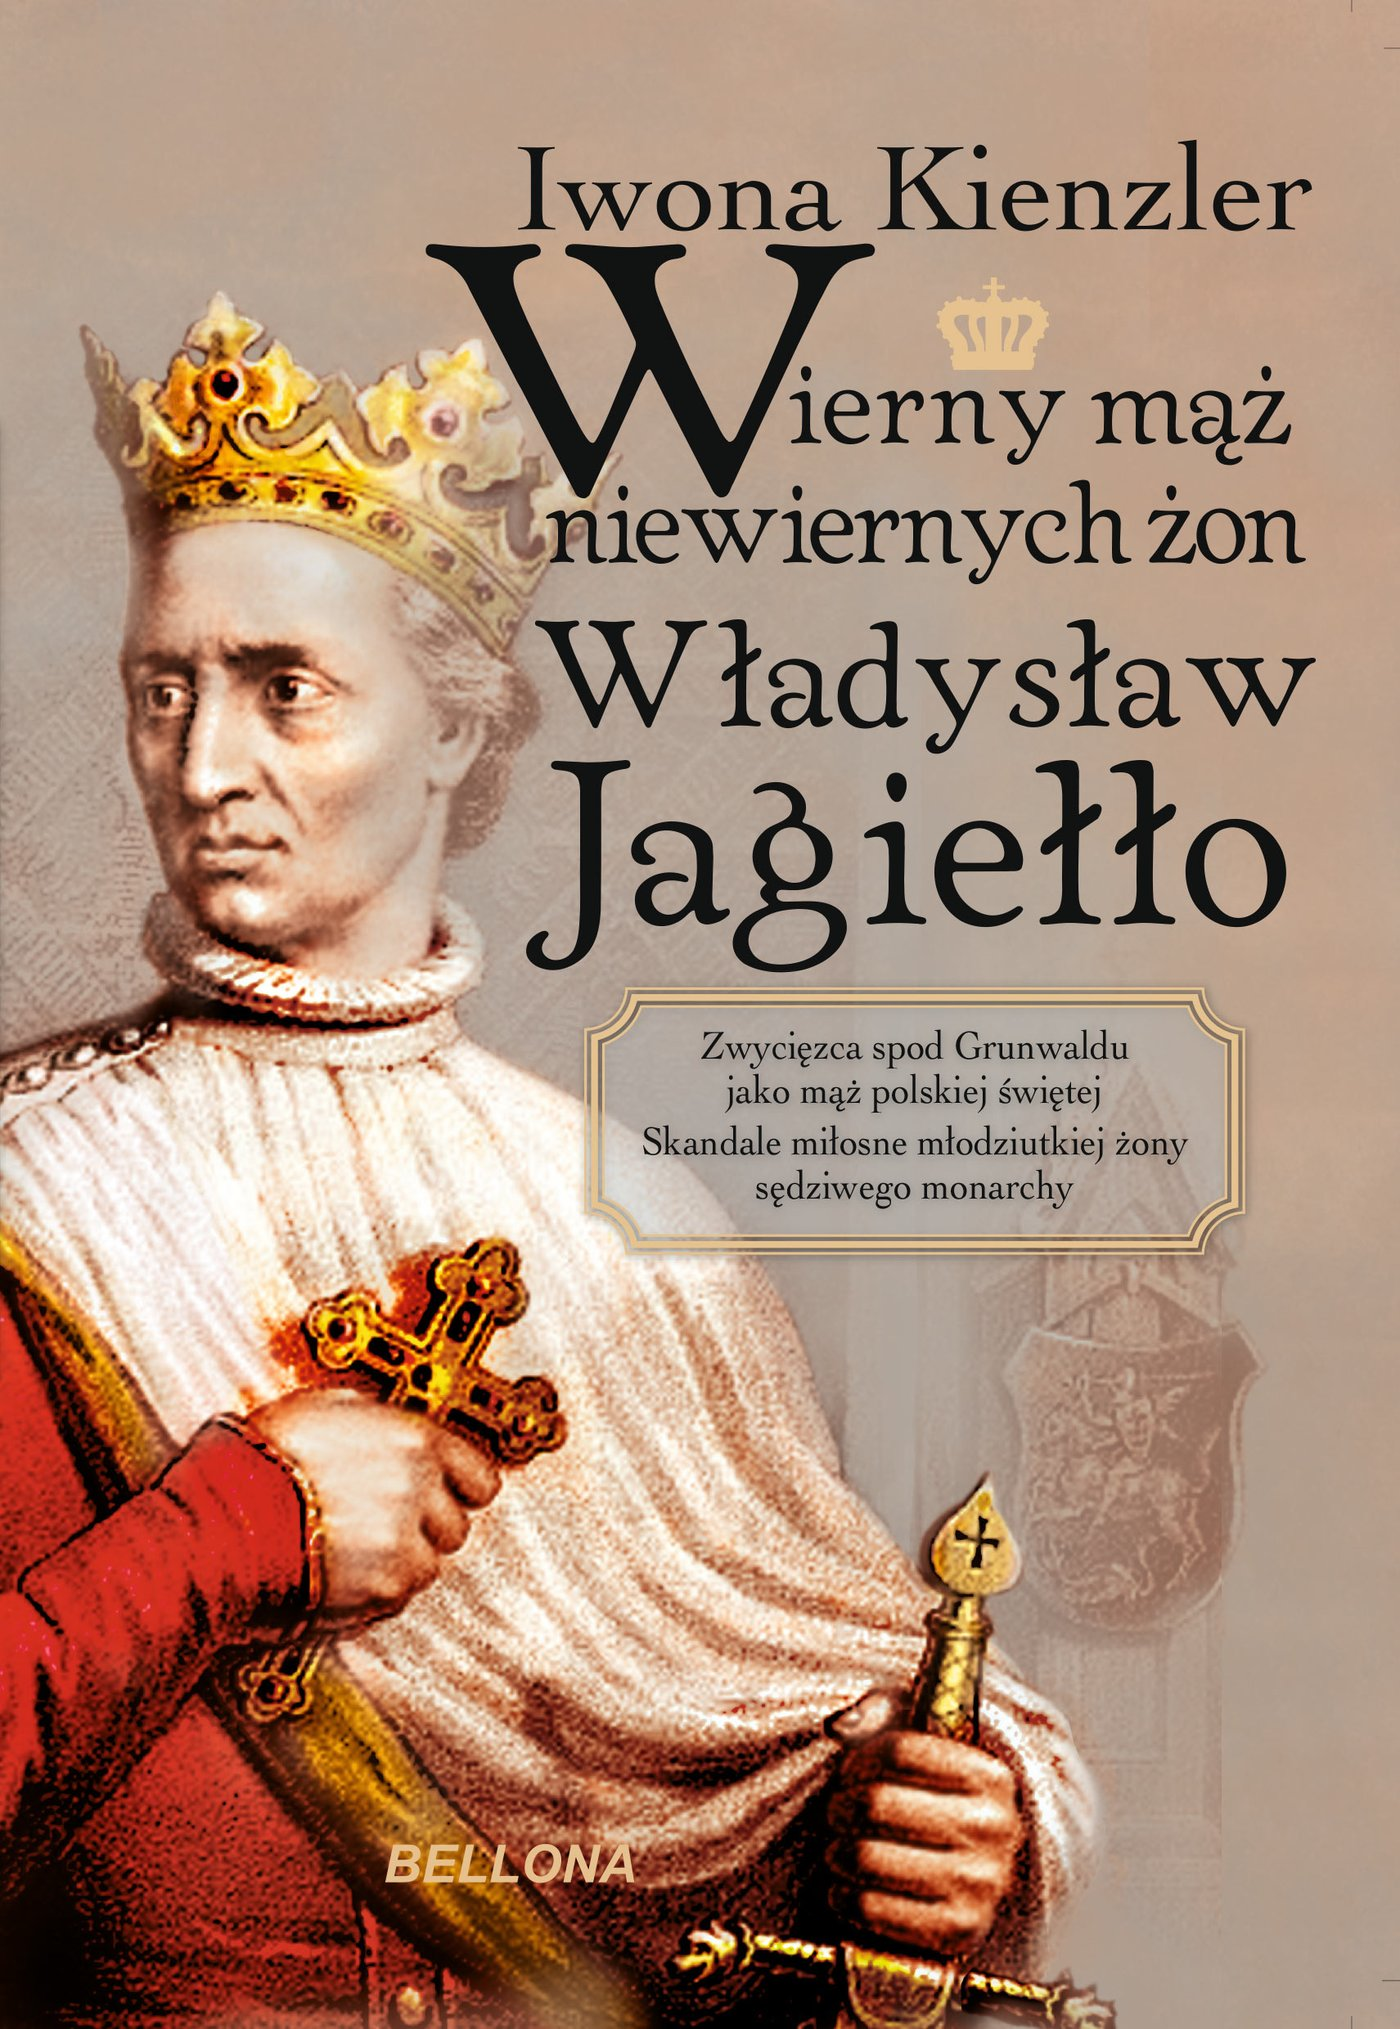 Wierny mąż niewiernych żon Władysław Jagiełło - Ebook (Książka EPUB) do pobrania w formacie EPUB